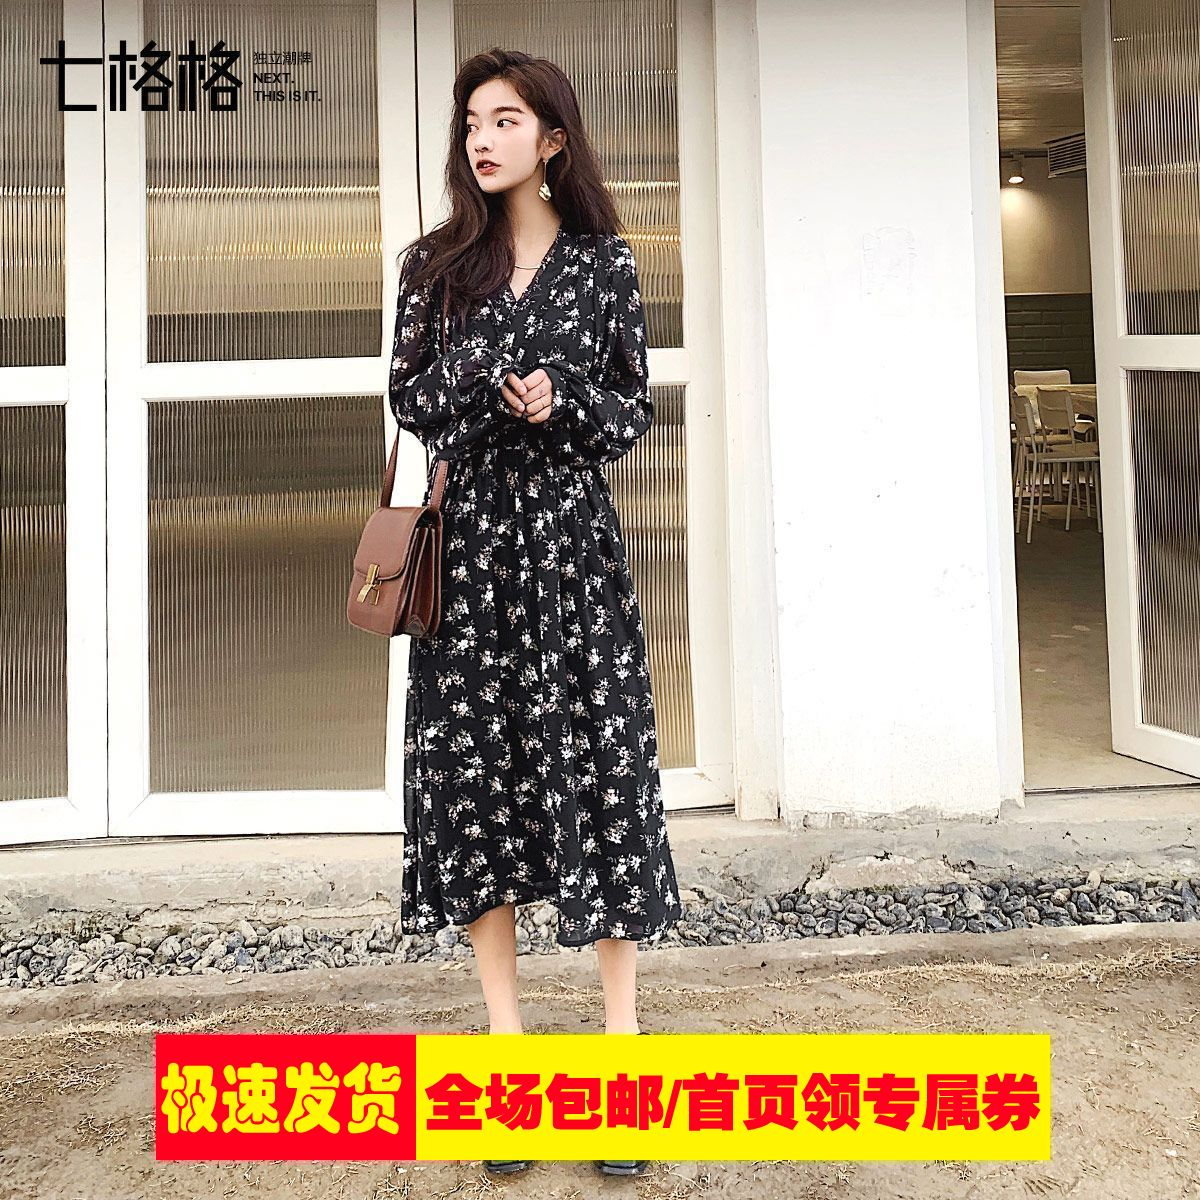 七格格雪纺连衣裙秋装2019新款女长袖法式复古高腰气质中长款裙子